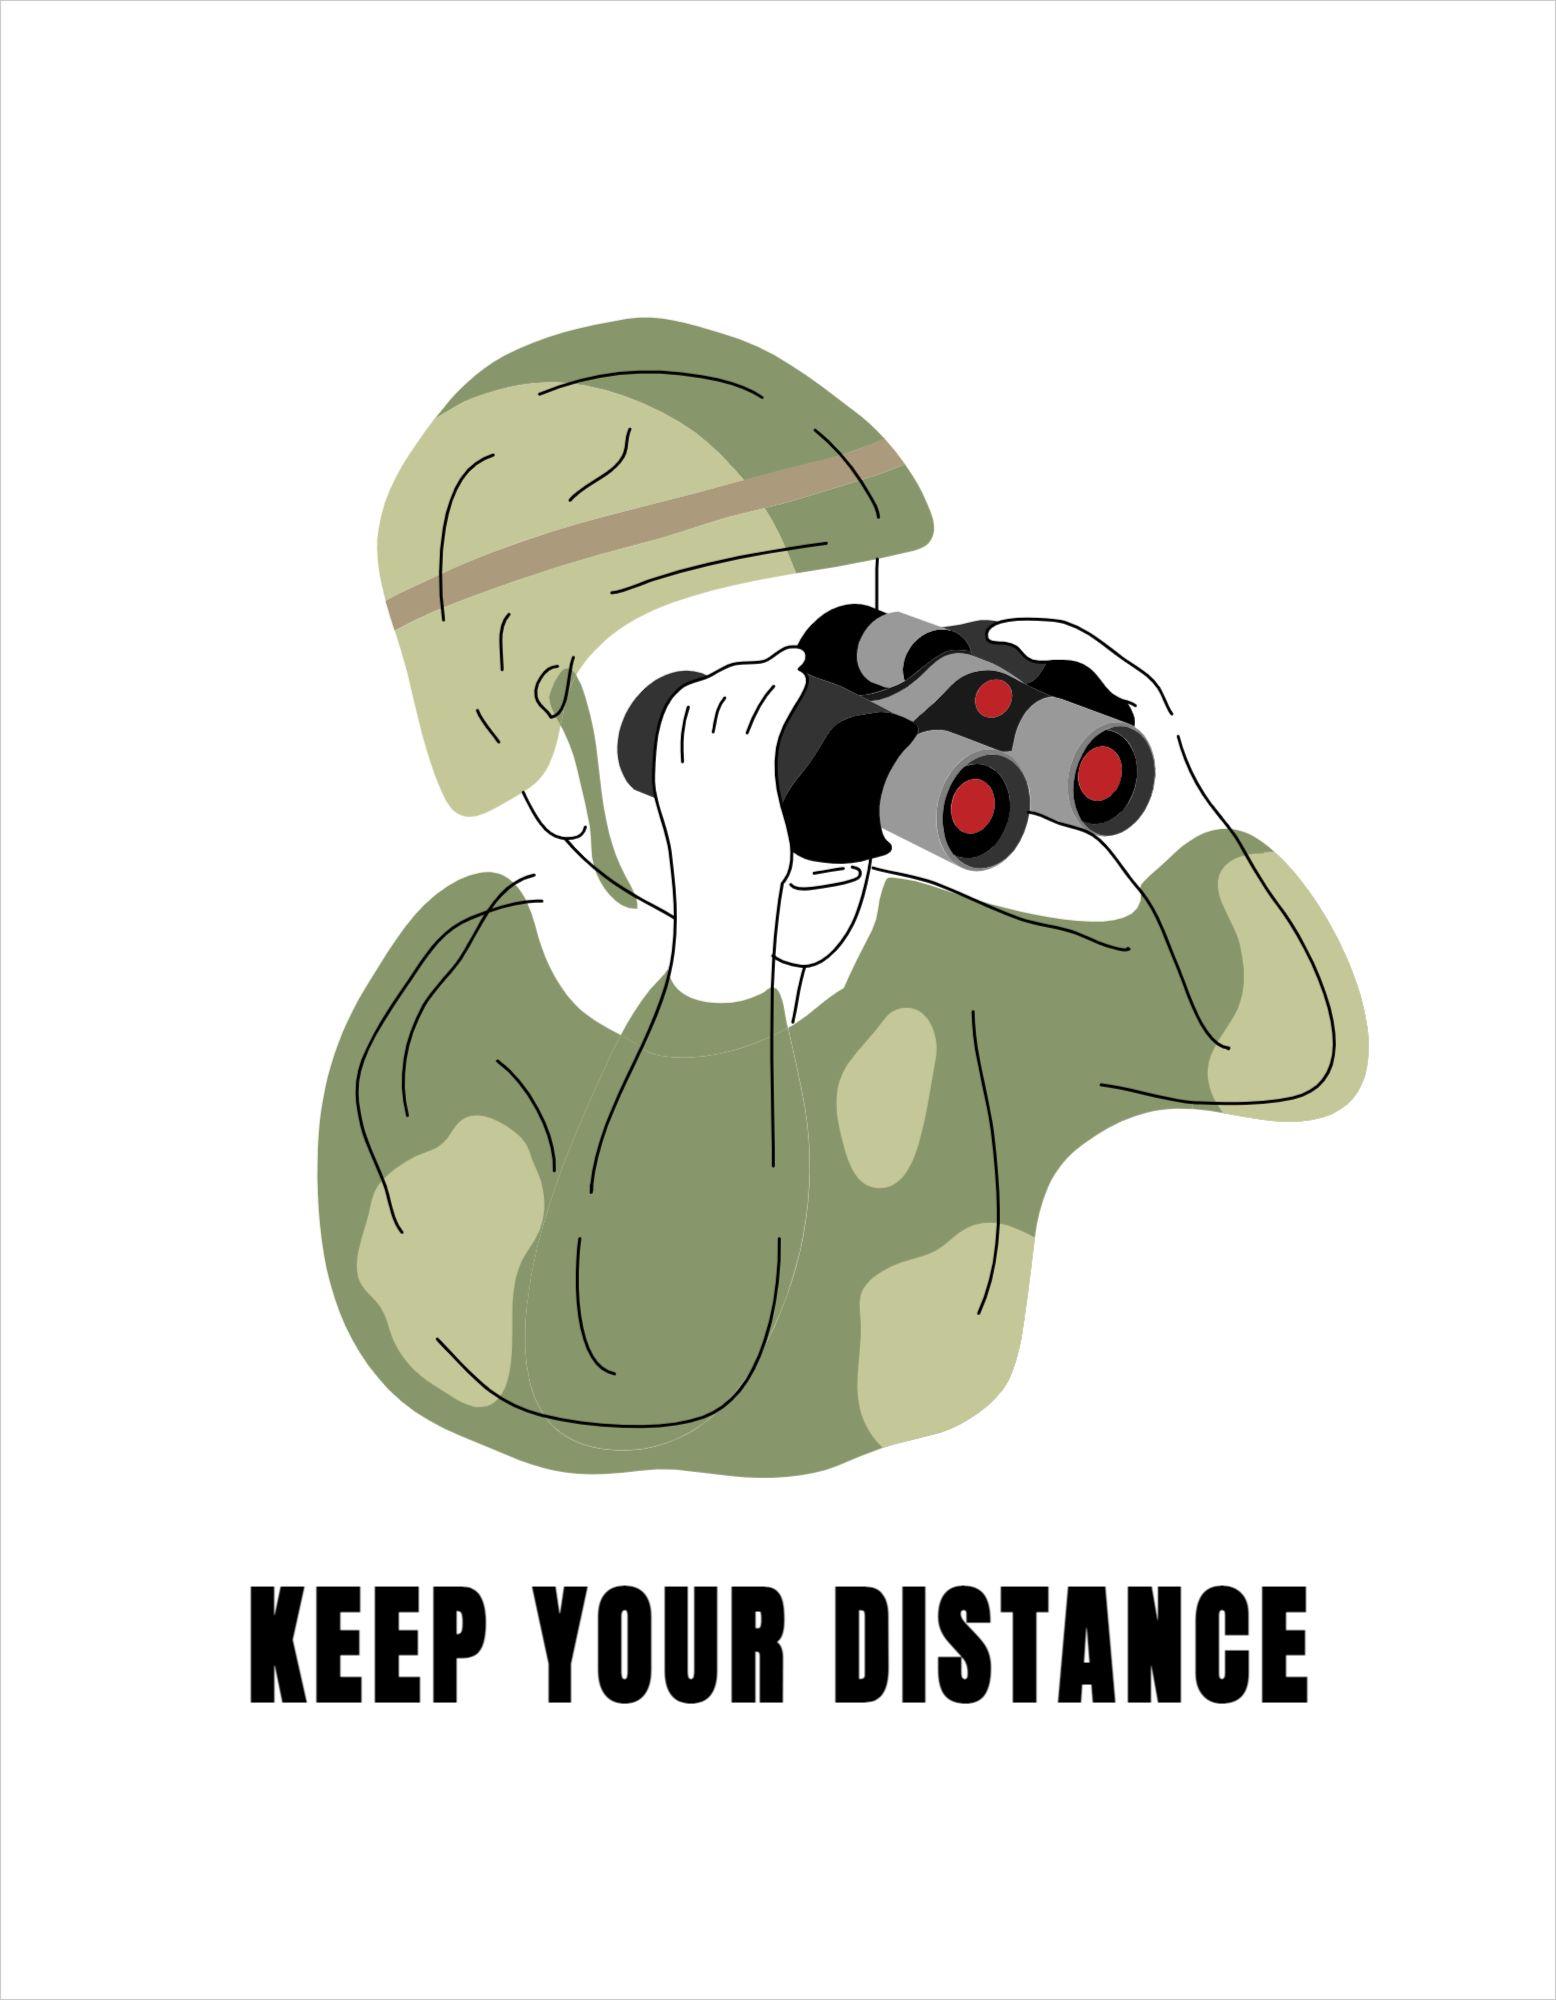 Keep Distance T-shirt Design Template